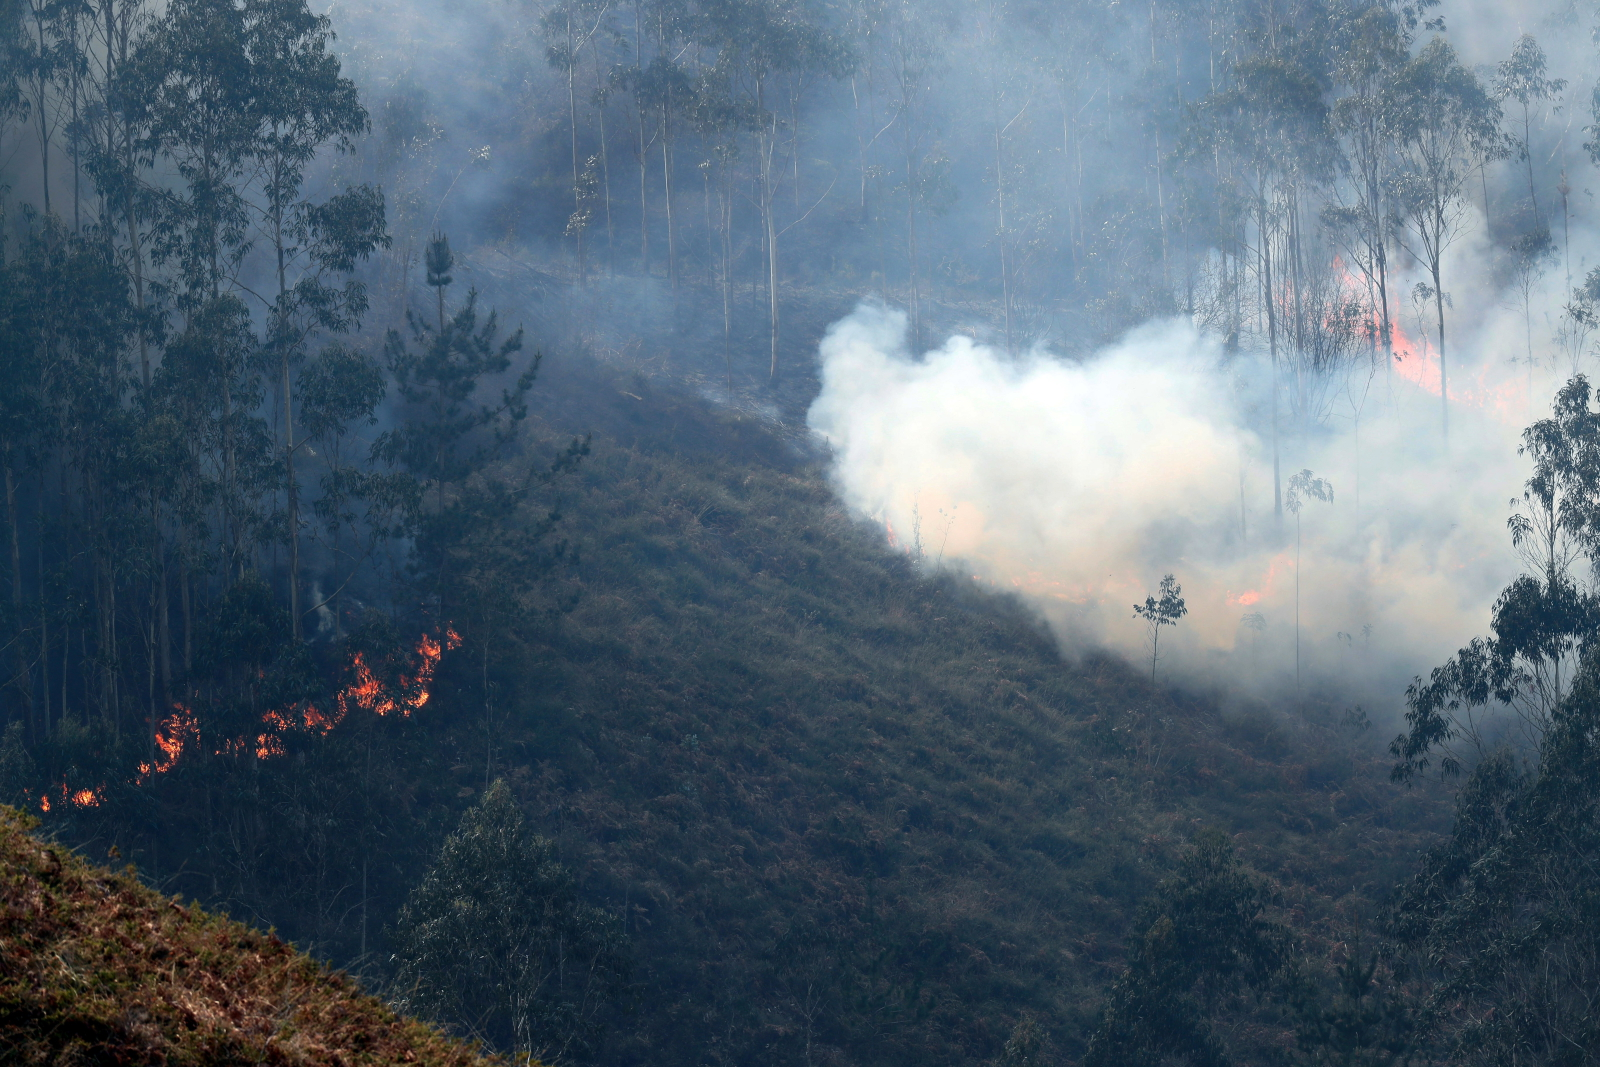 Pożar w Hiszpanii fot. EPA/JOSE LUIS CEREIJIDO